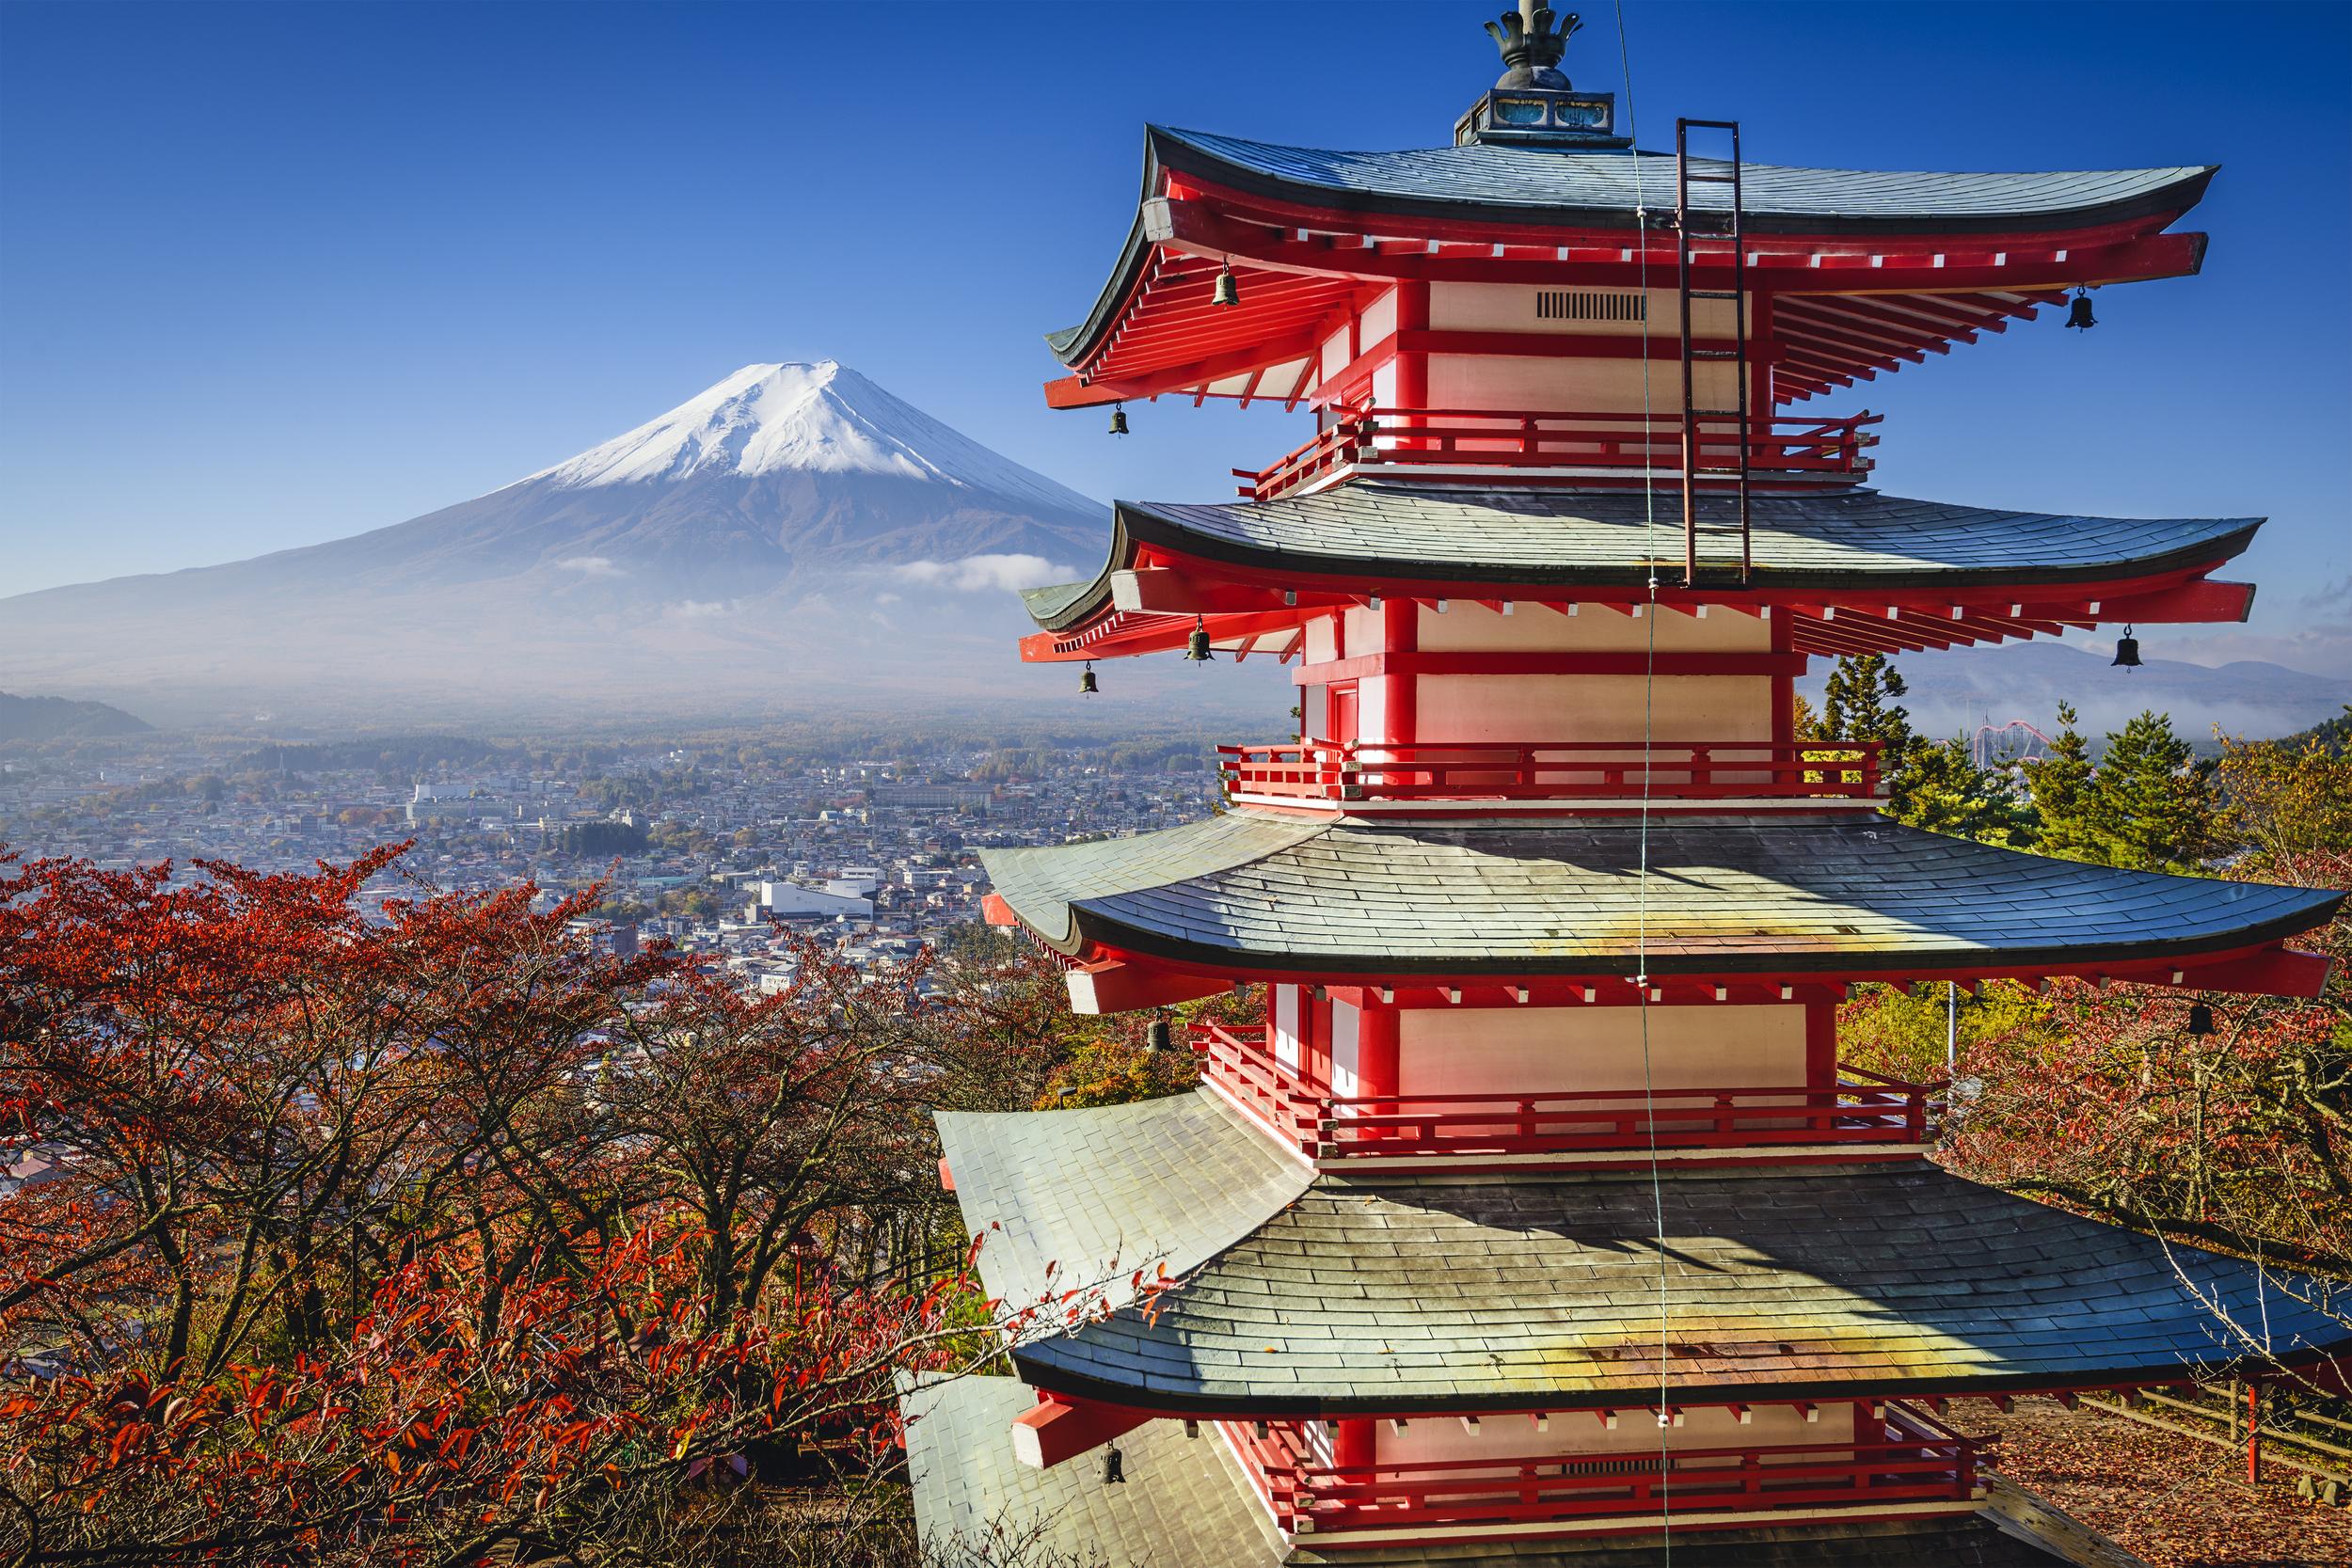 Mountain Fuji and Pagoda